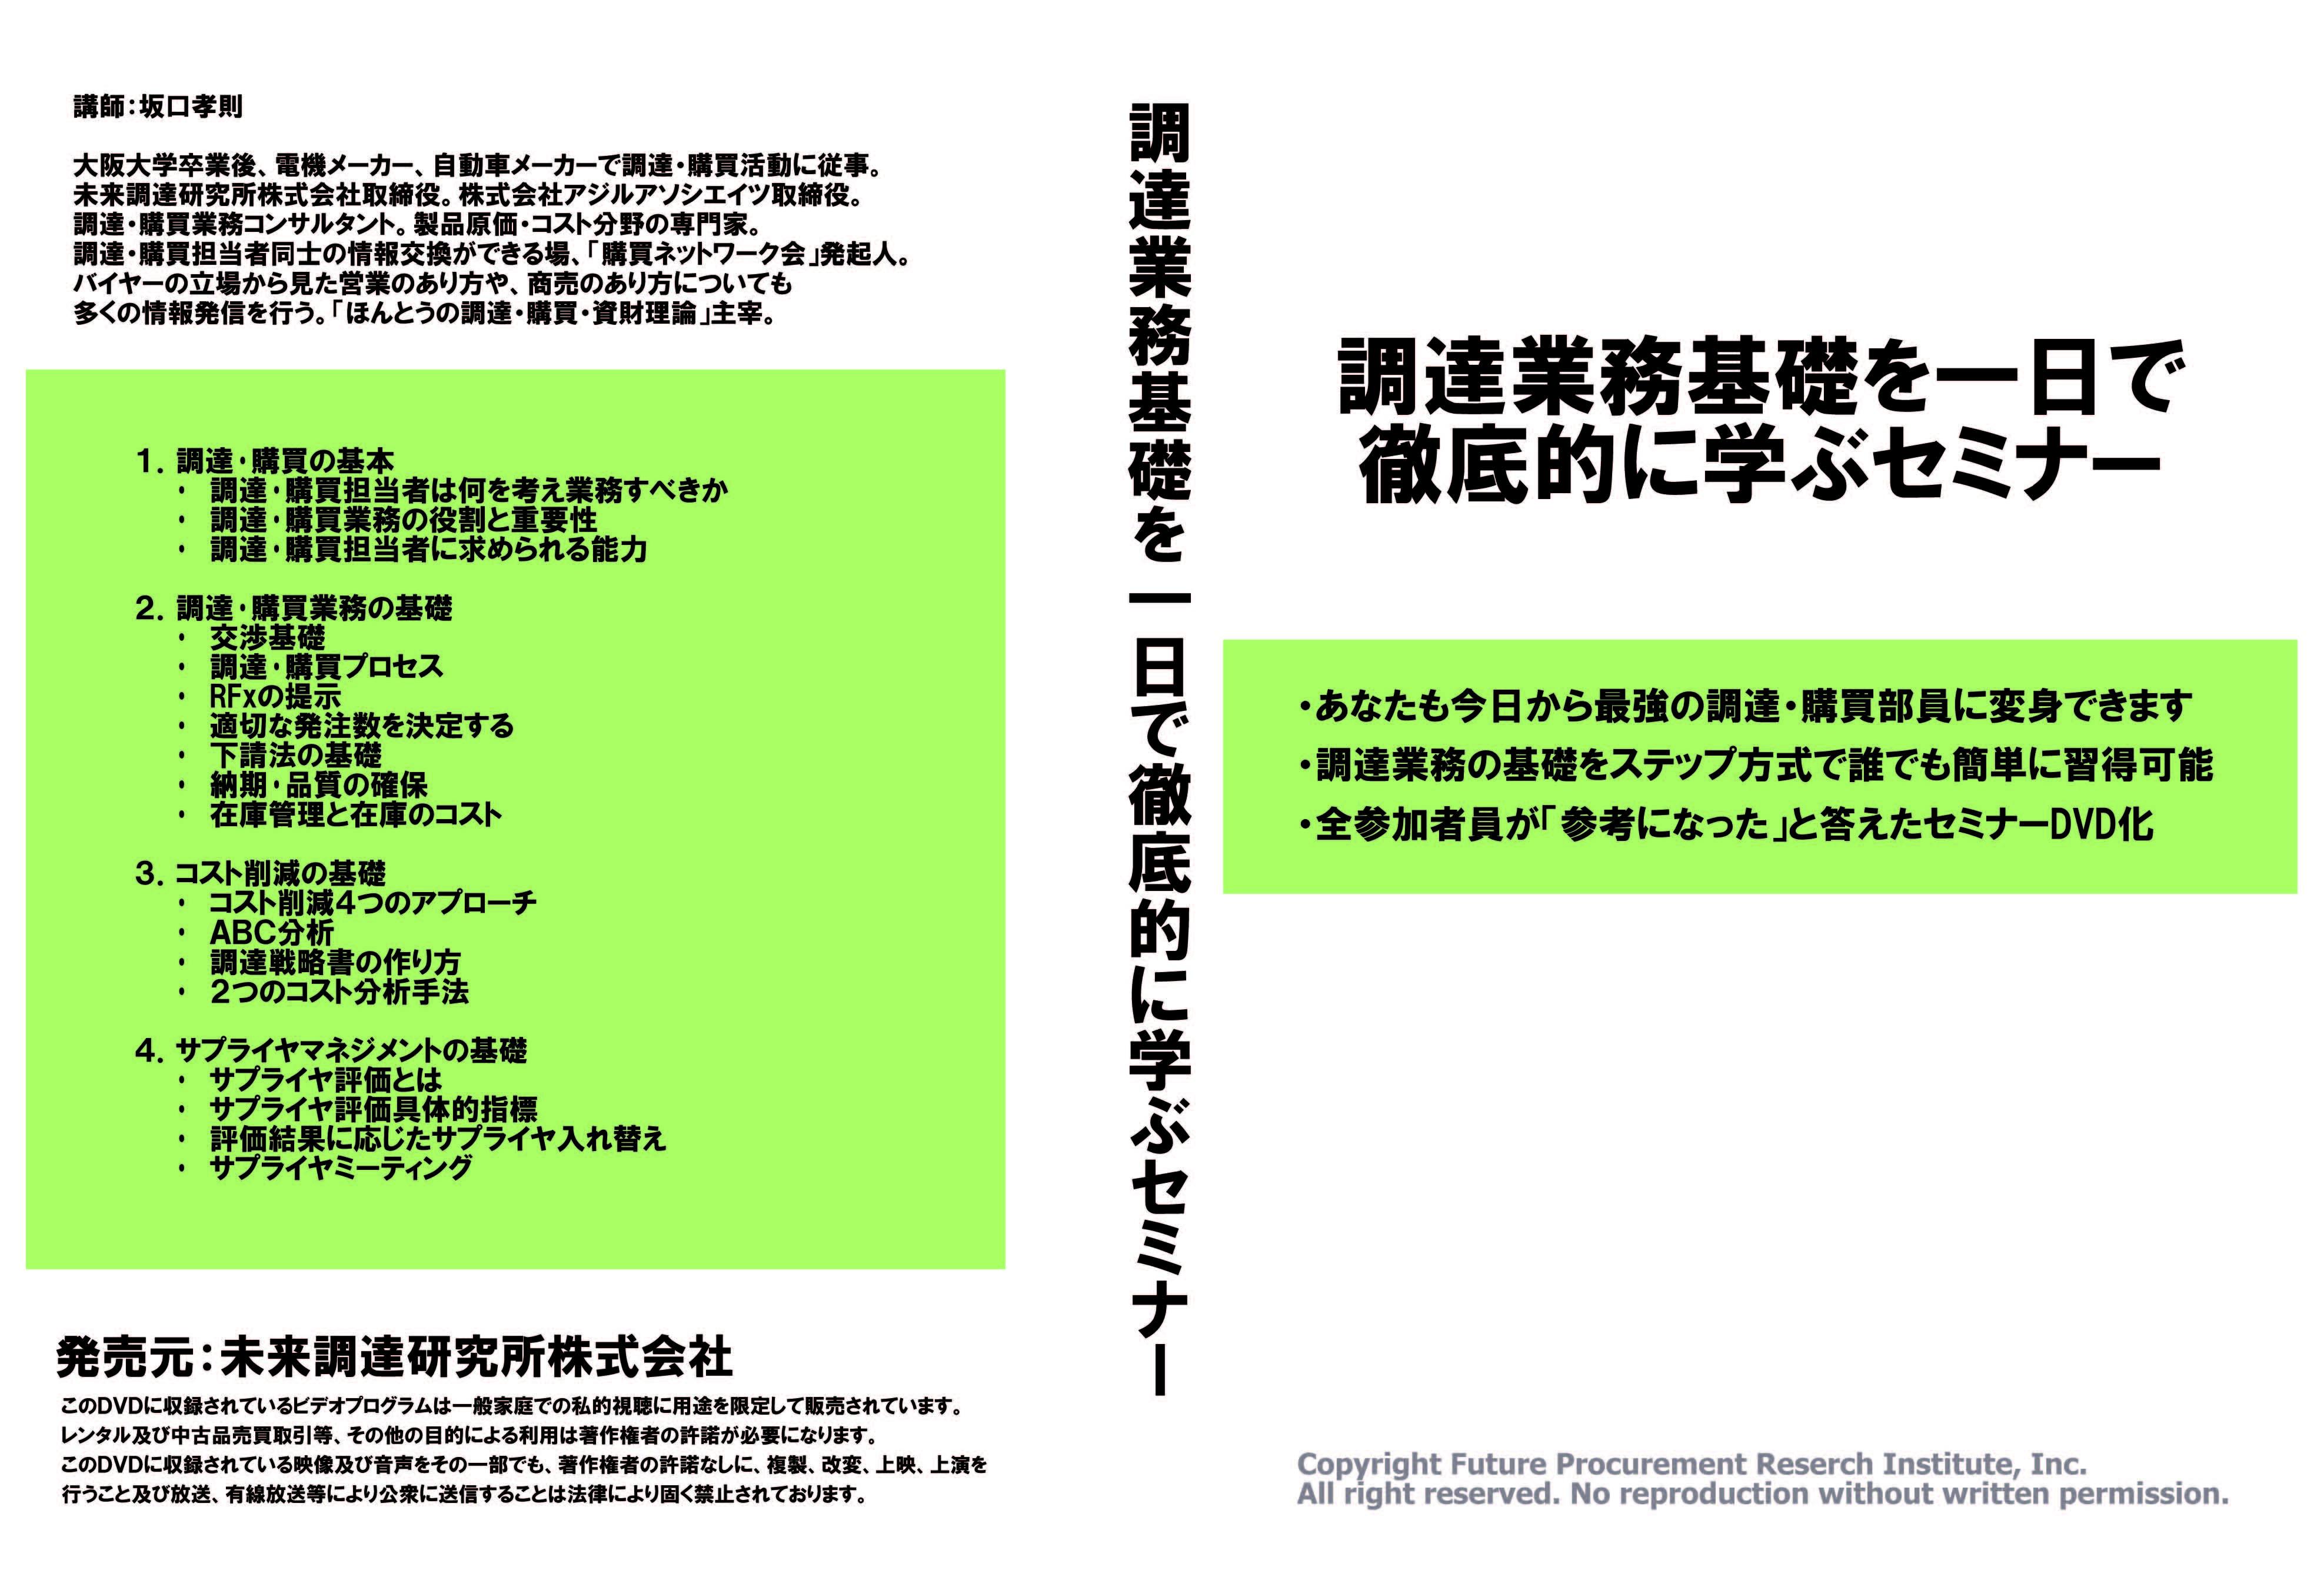 DVD全3巻セット「調達業務基礎を一日で徹底的に学ぶセミナー」(DVDのみ)